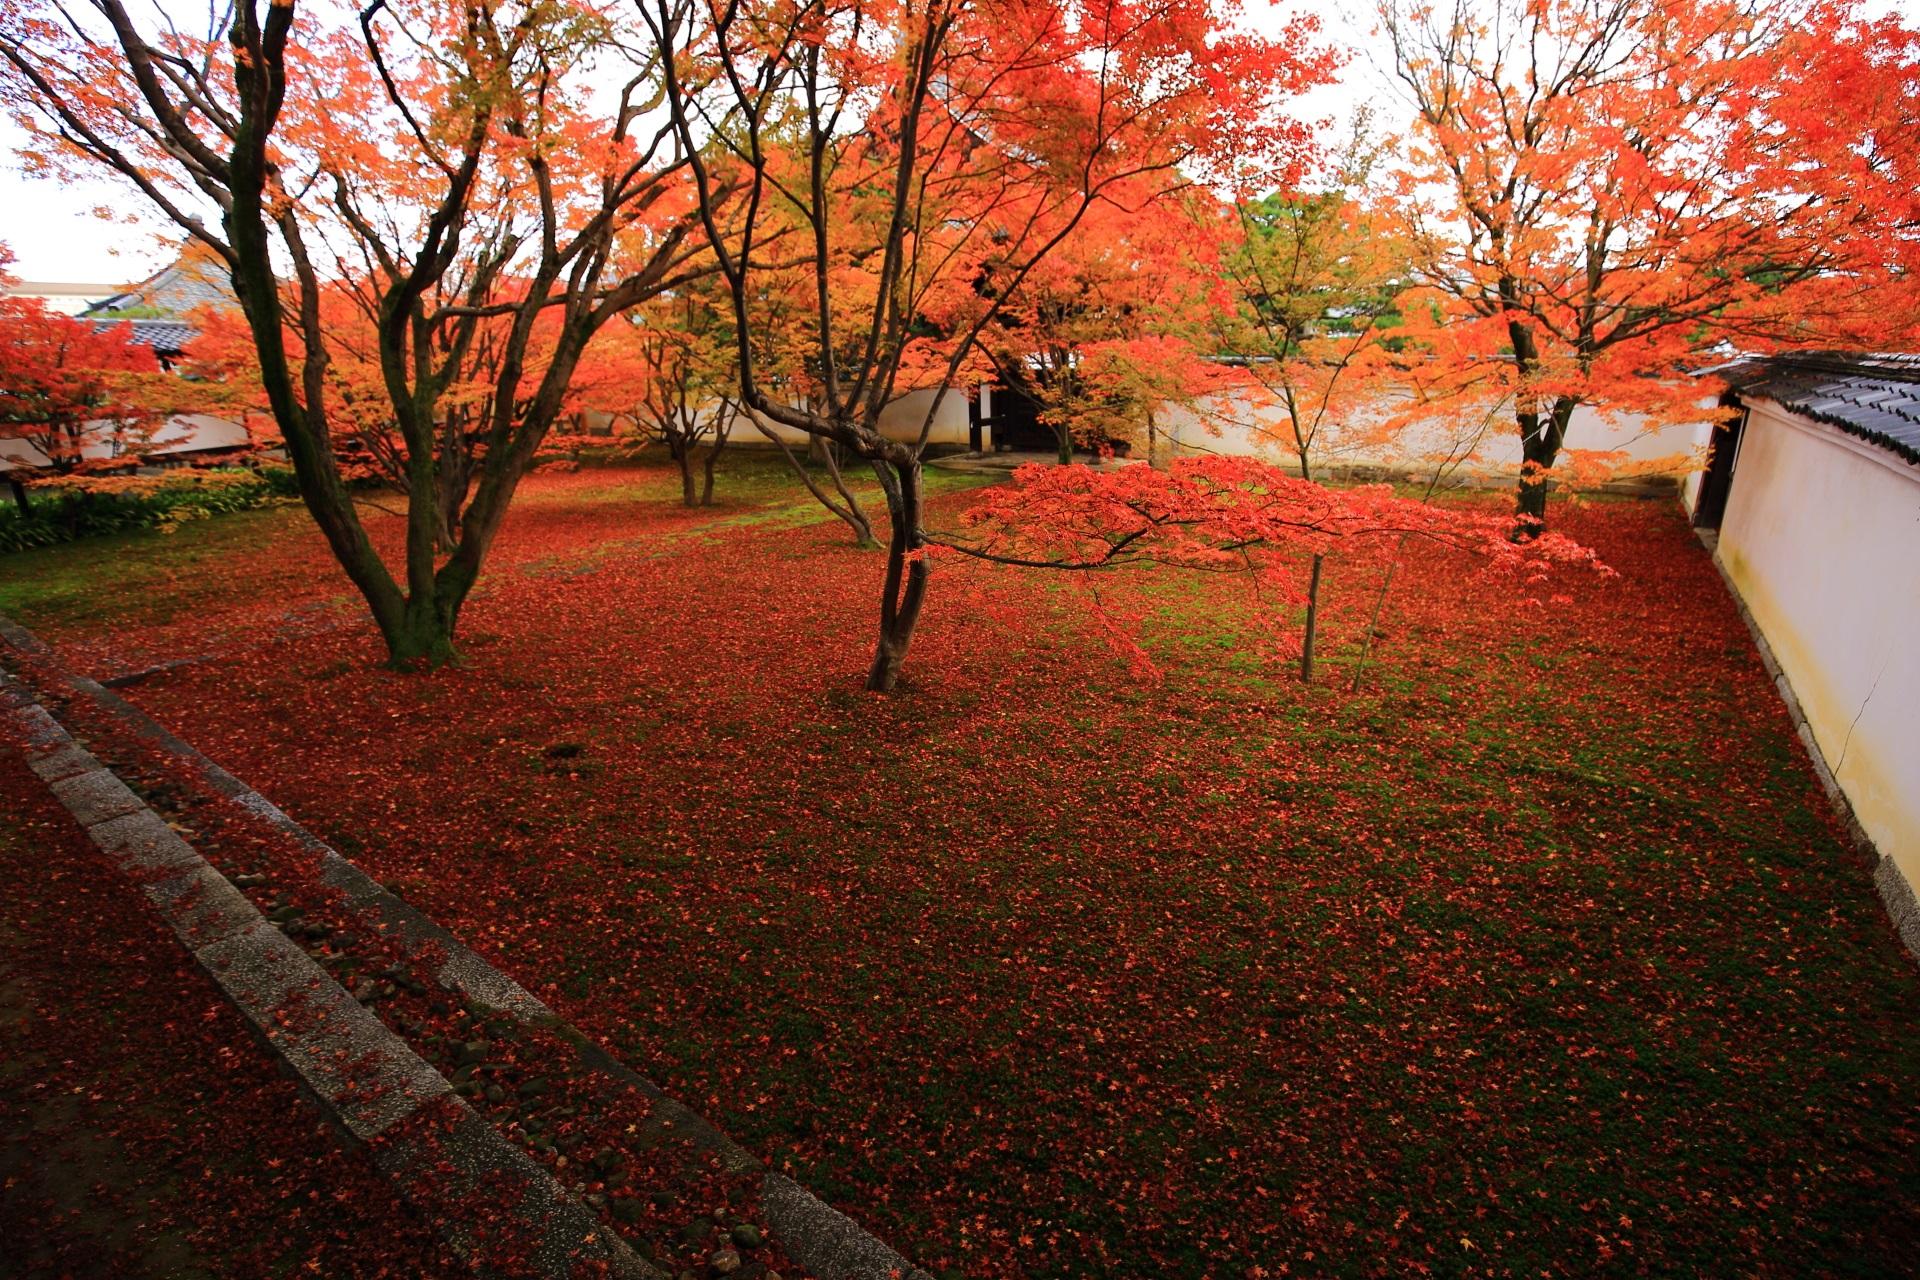 妙覚寺の「法姿園」とも呼ばれる本堂前庭園